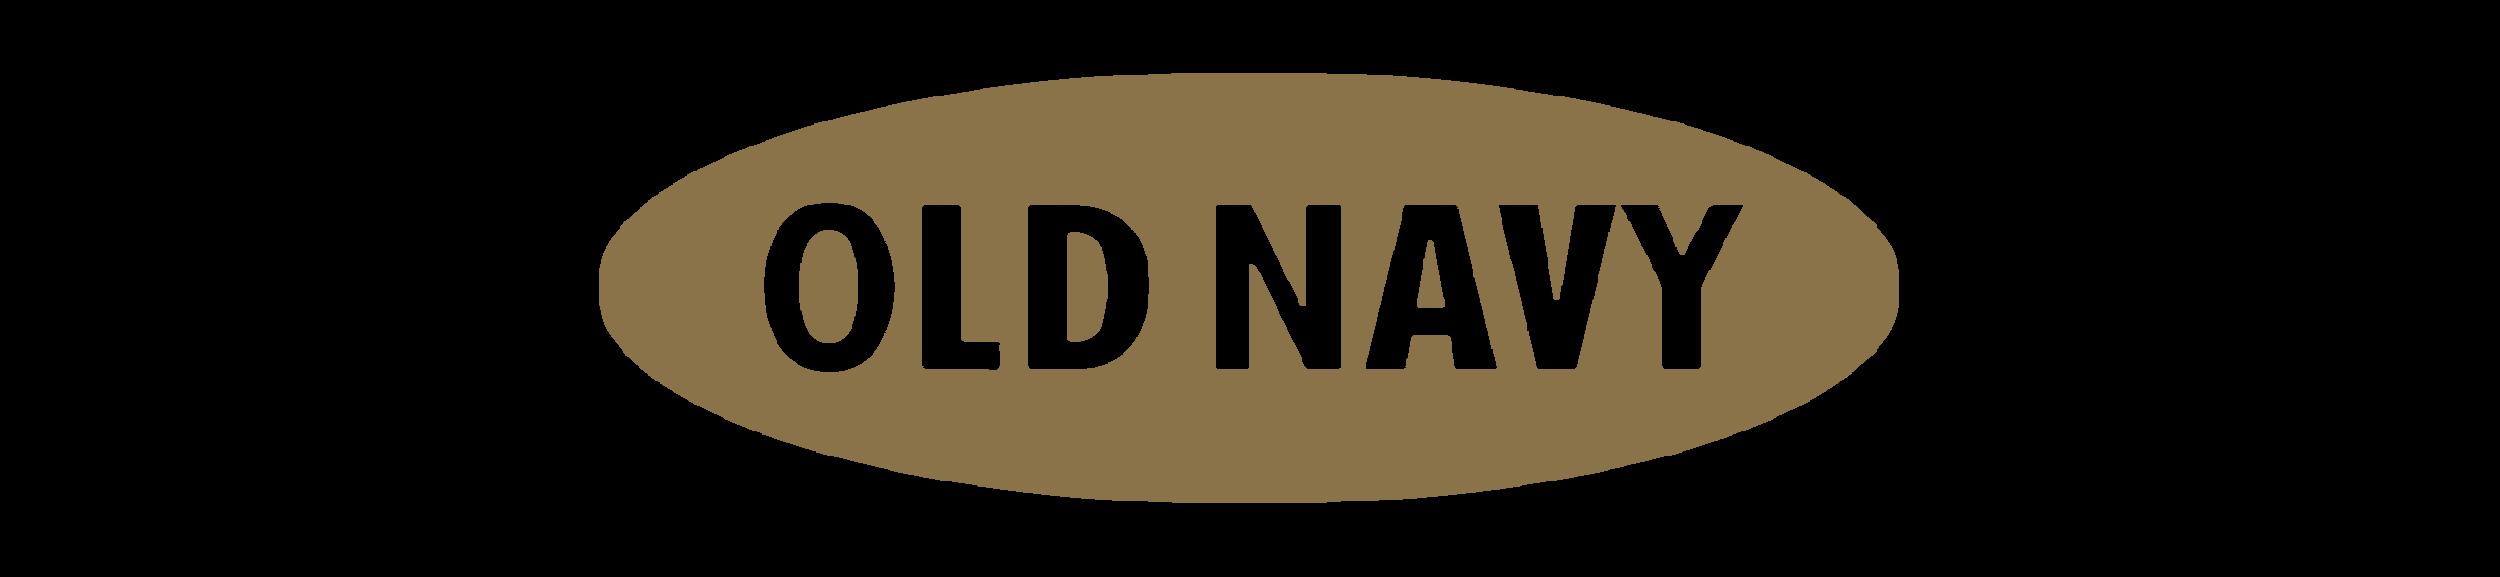 OldNavy_Logo_Gold.png